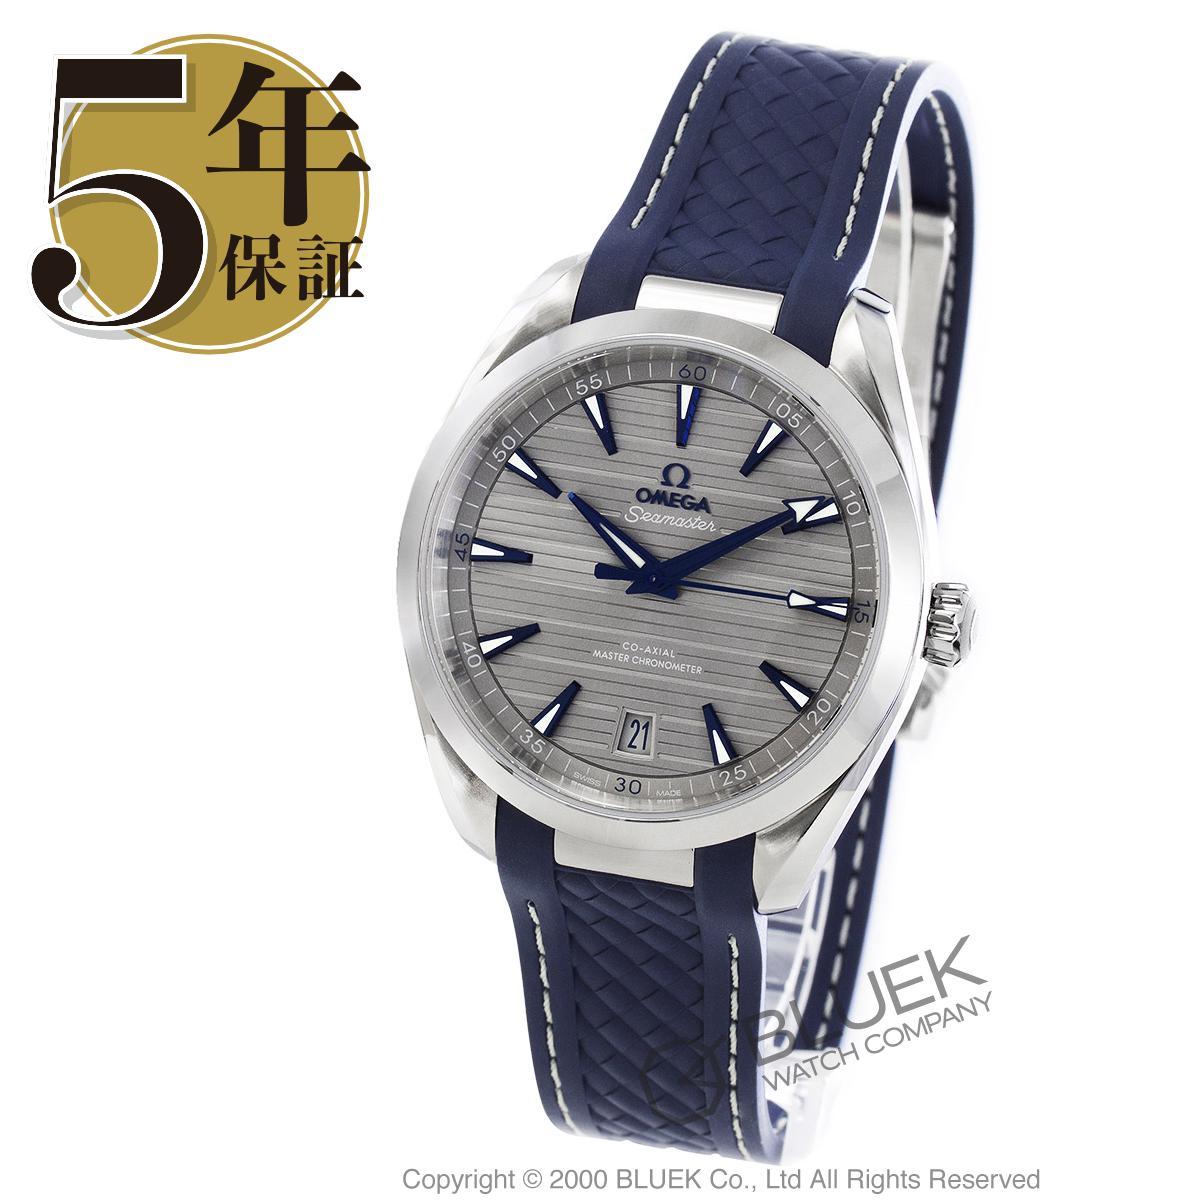 オメガ シーマスター アクアテラ マスタークロノメーター 腕時計 メンズ OMEGA 220.12.41.21.06.001_5